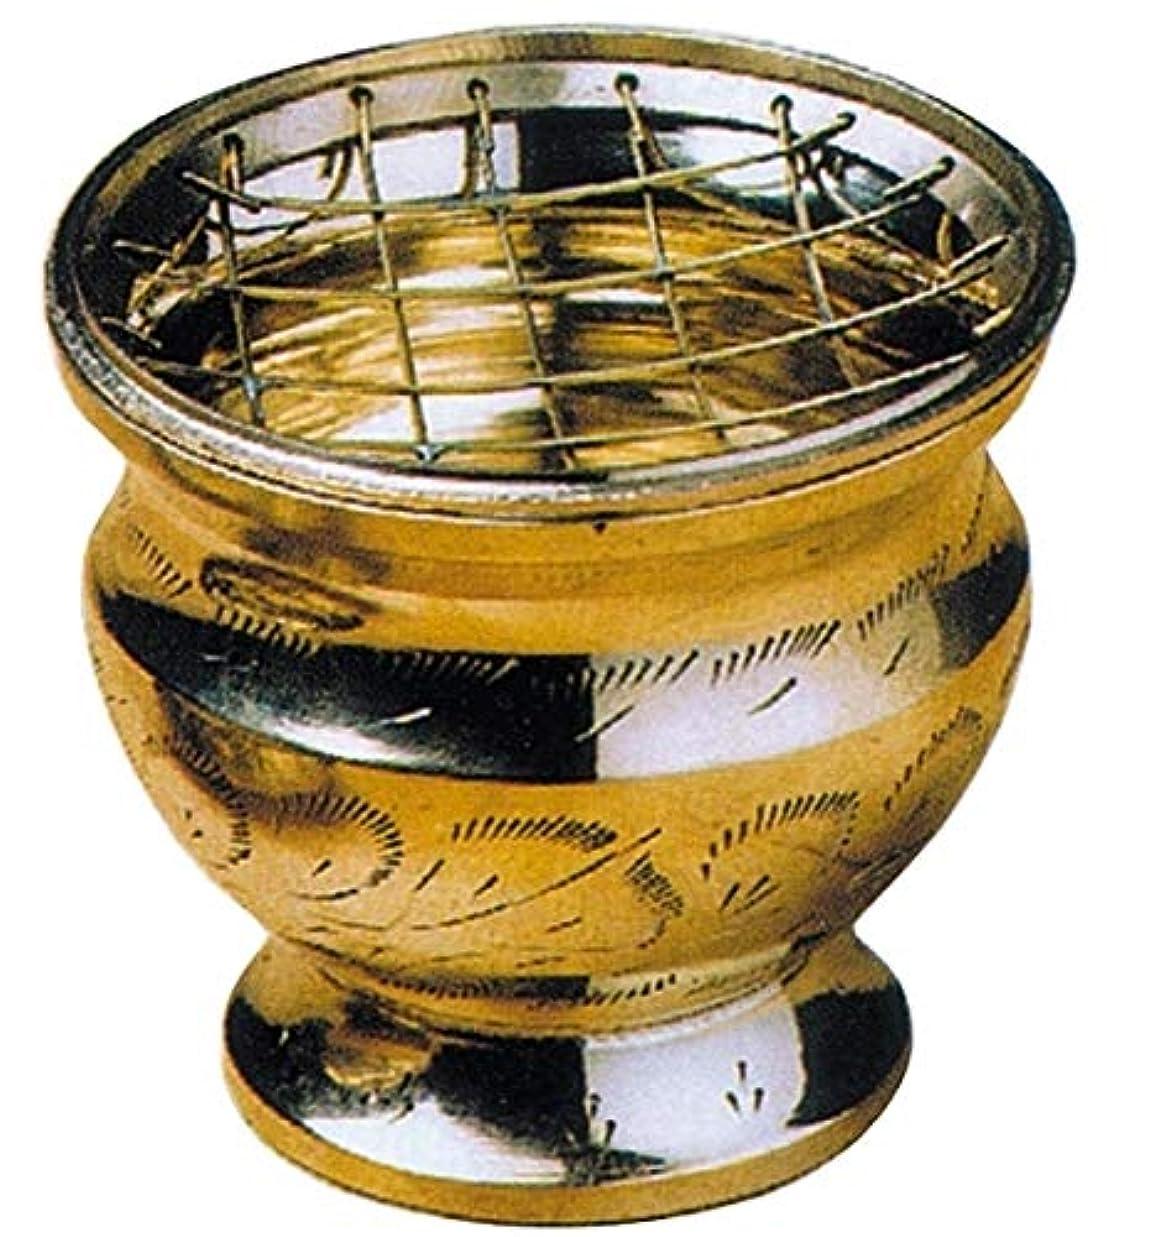 抑止する膨らませる水銀のRäuchergefäß mit Netzeinsatz, 7 cm hoch, Messing